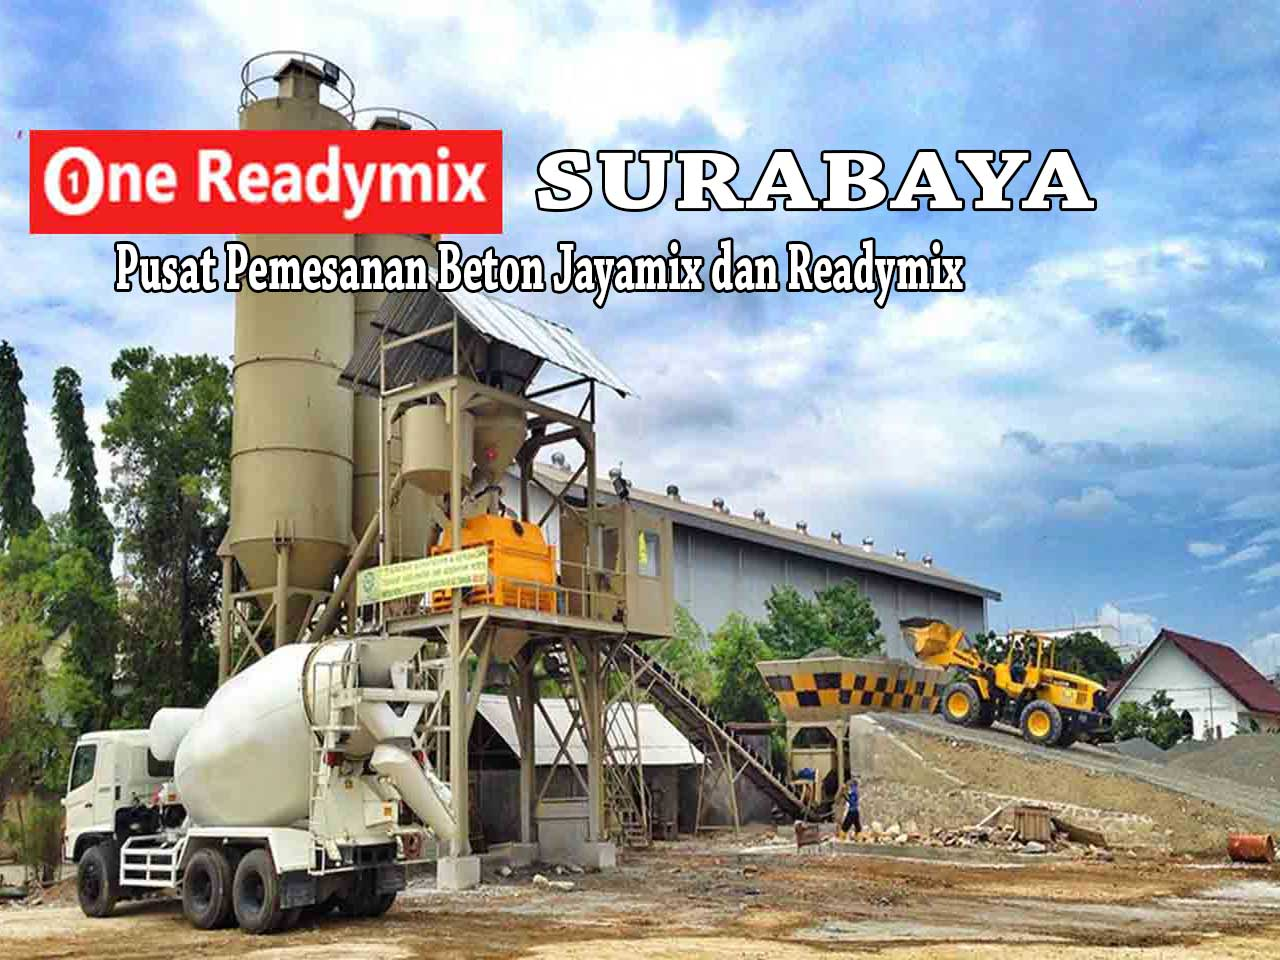 harga beton cor jayamix surabaya 2019